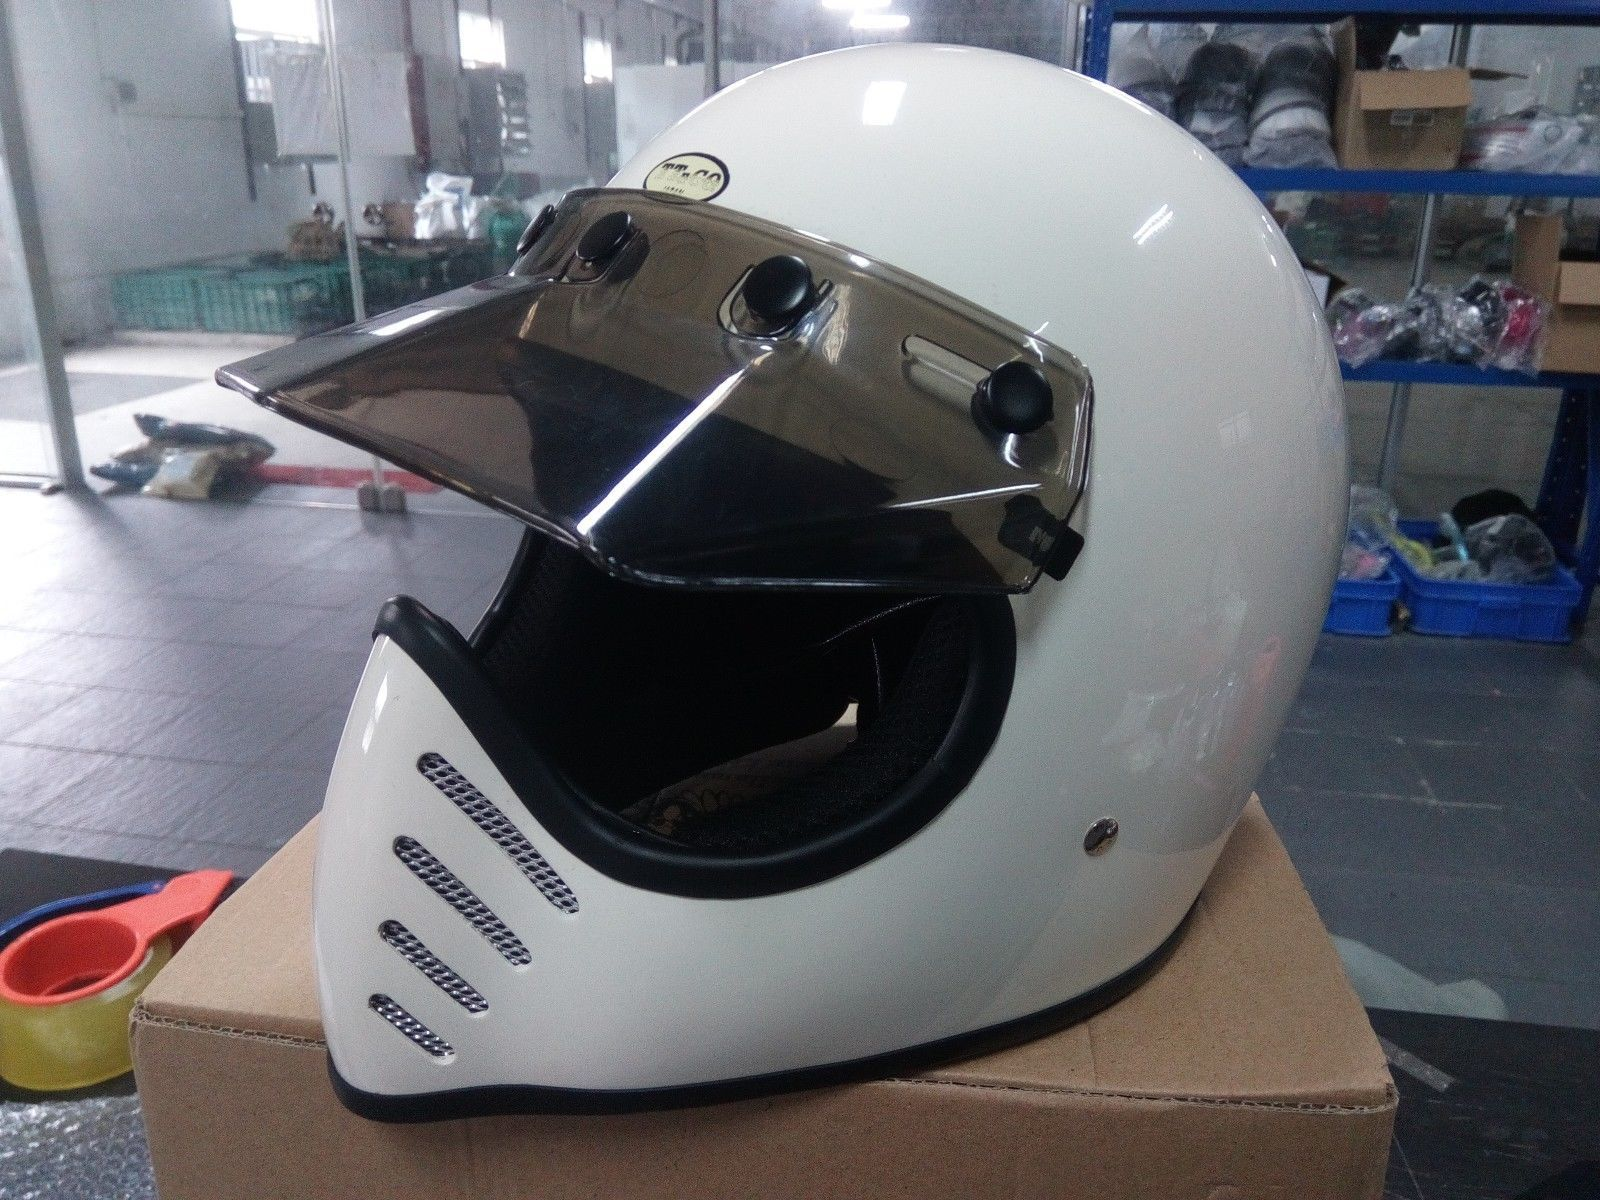 Japan Street Vintage Full Face Motorcycle Helmet 5 Snap White Full Face Motorcycle Helmets Helmet Motorcycle Helmets